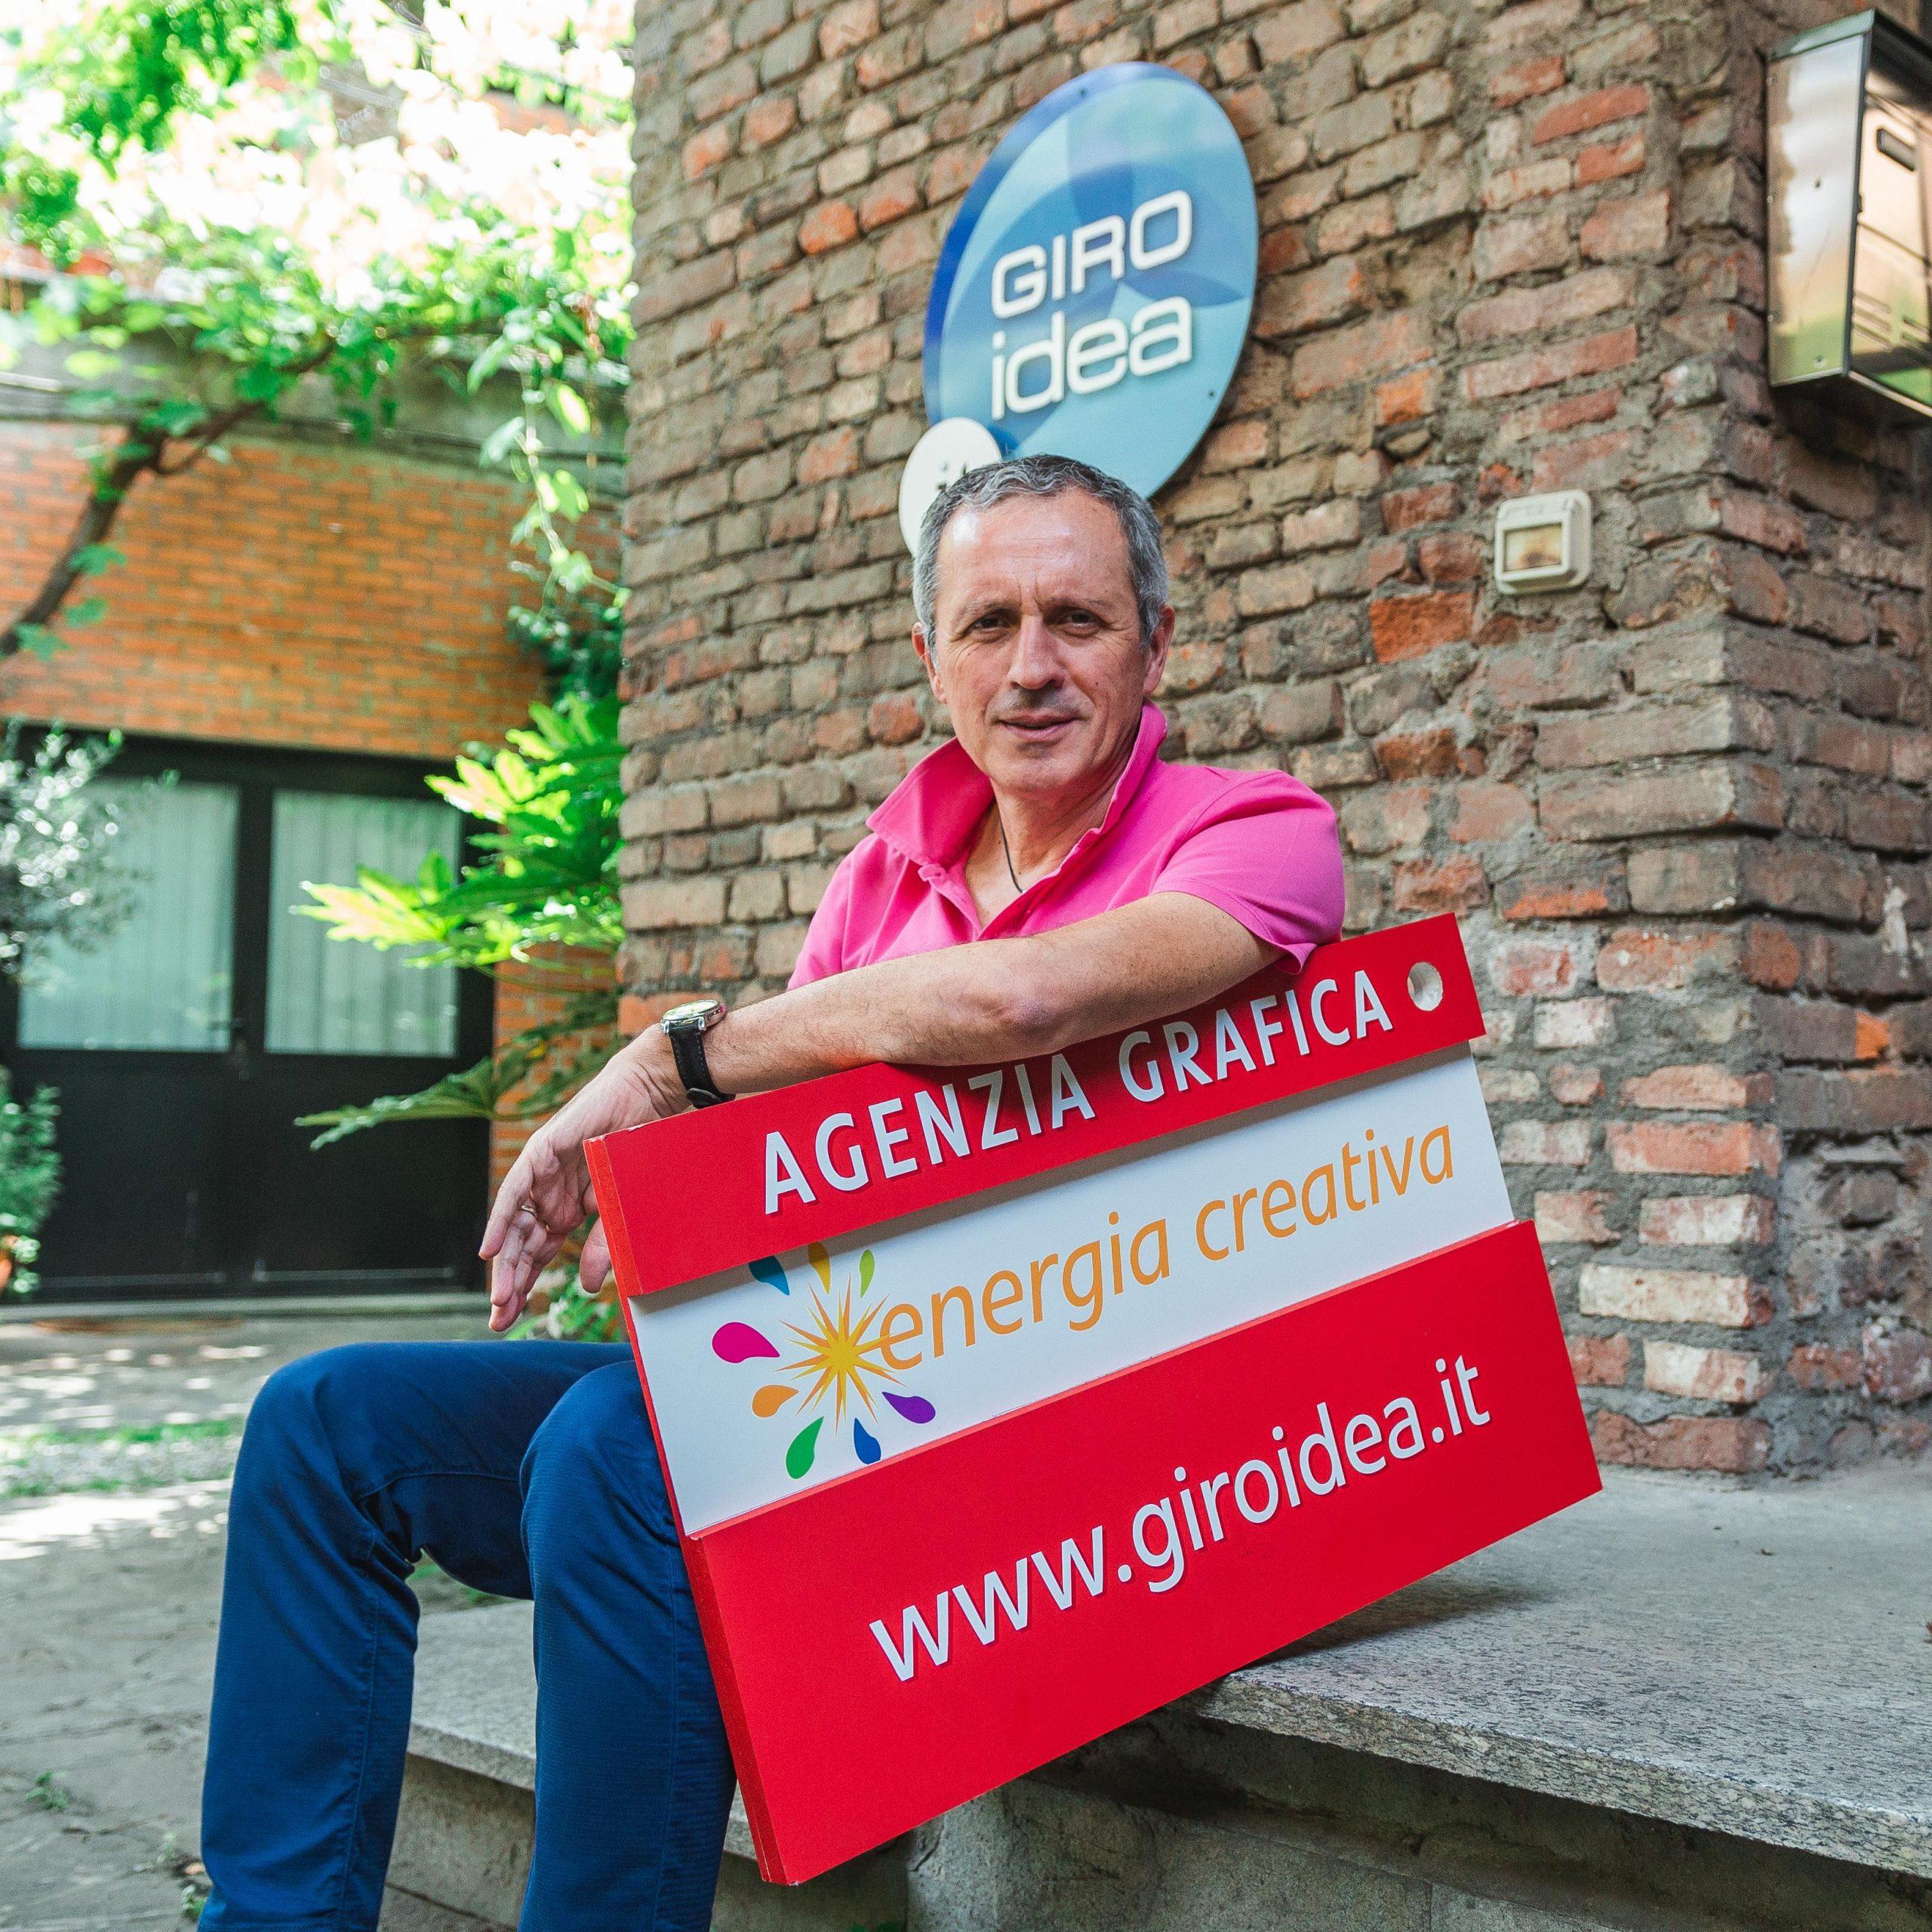 Giroidea - Agenzia di Grafica e Comunicazione a Milano